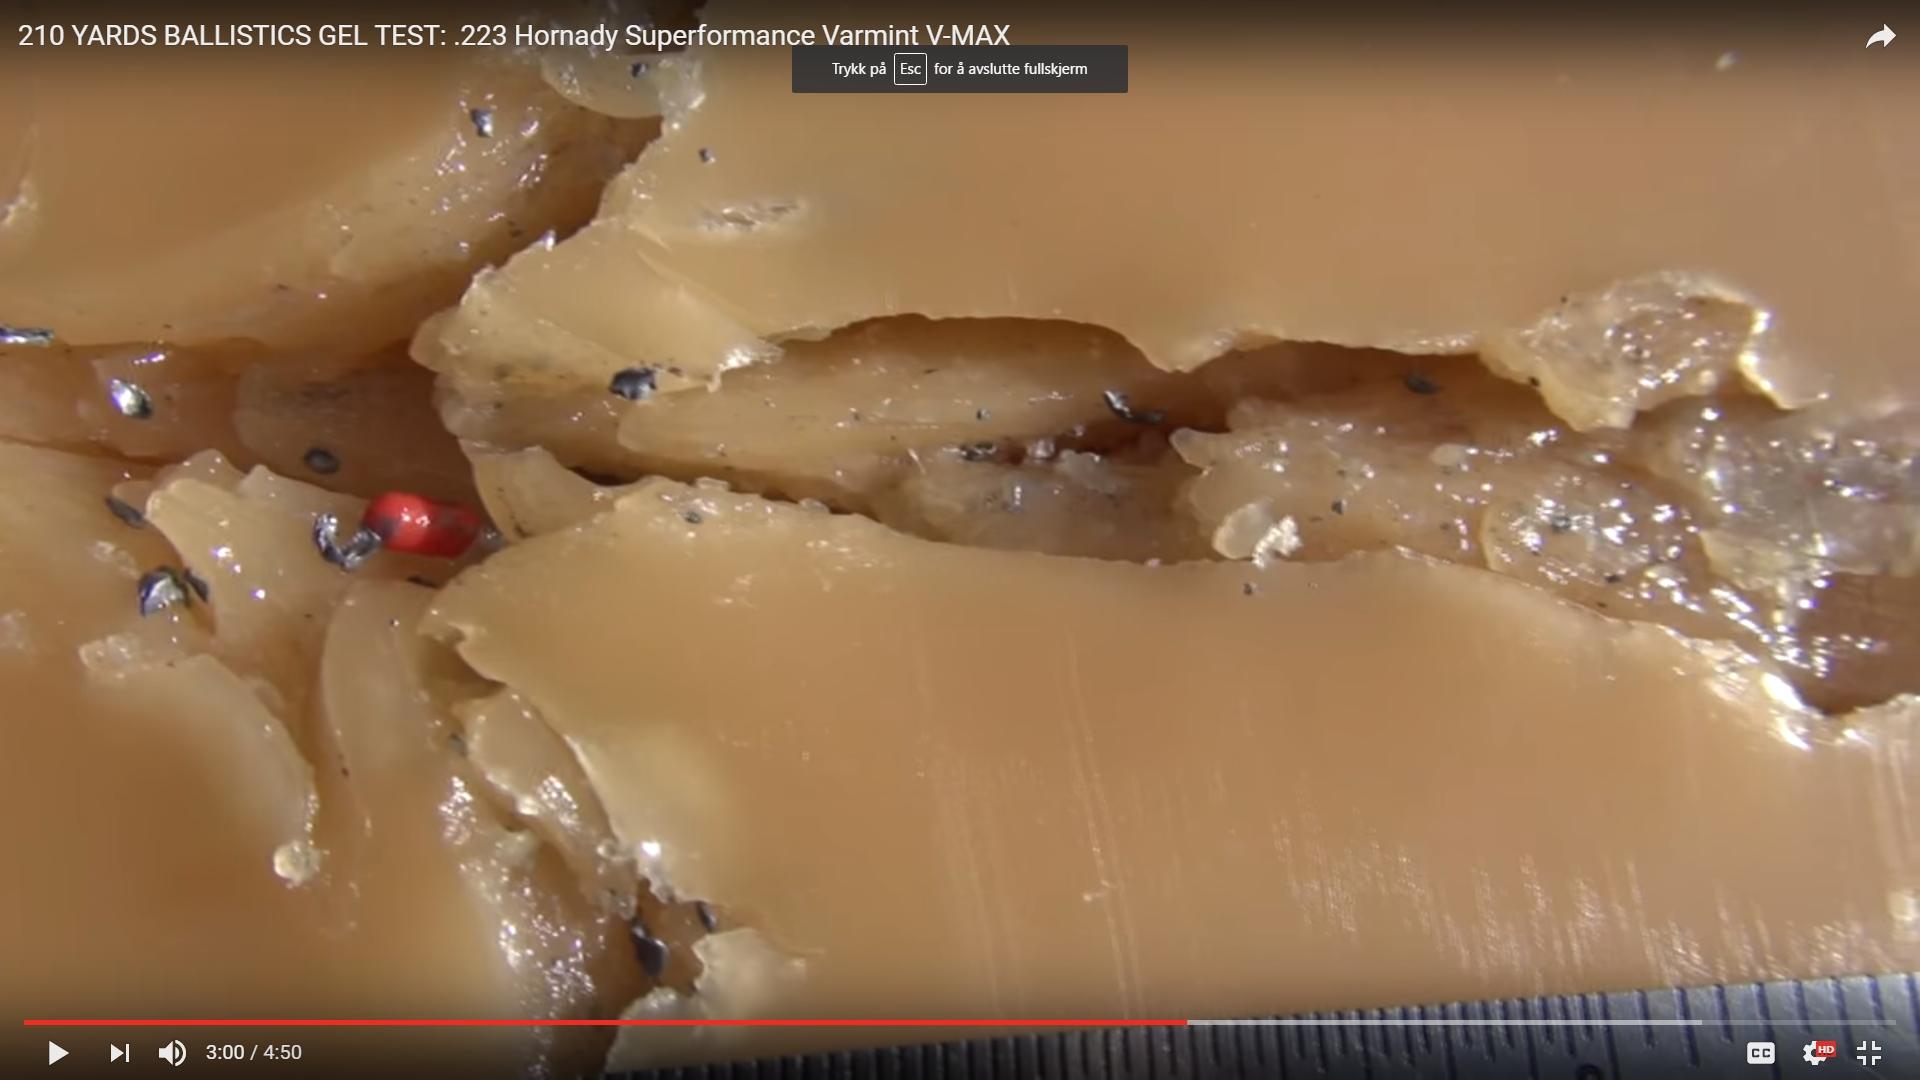 Hornady V-Max i kaliber .223. Skuddet er skutt inn i ballistisk gelantin fra 100 meters hold. Bildet viser en nær identisk treff-reaksjon som kirurg Colin Poole på Ringerike sykehus beskrev da han opererte skadde etter Utøya-skytingen. Slike kuletyper er altså å få kjøpt over disk, og er ikke ulovlig spesialammunisjon man må ha kontakter for å få tak i.